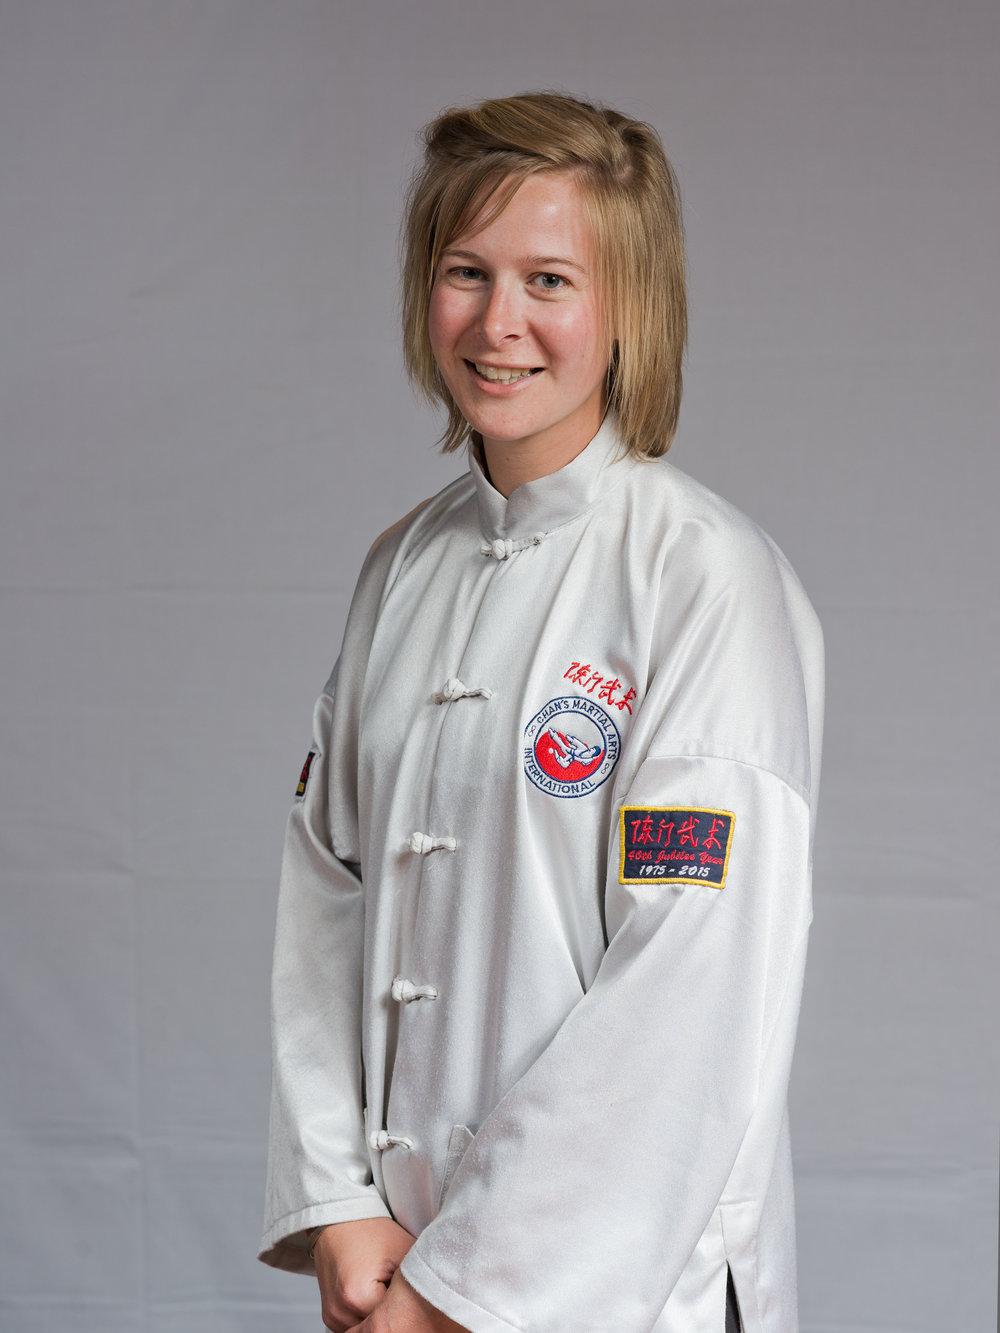 Chief Instructor - Alicia Harrison Laoshi